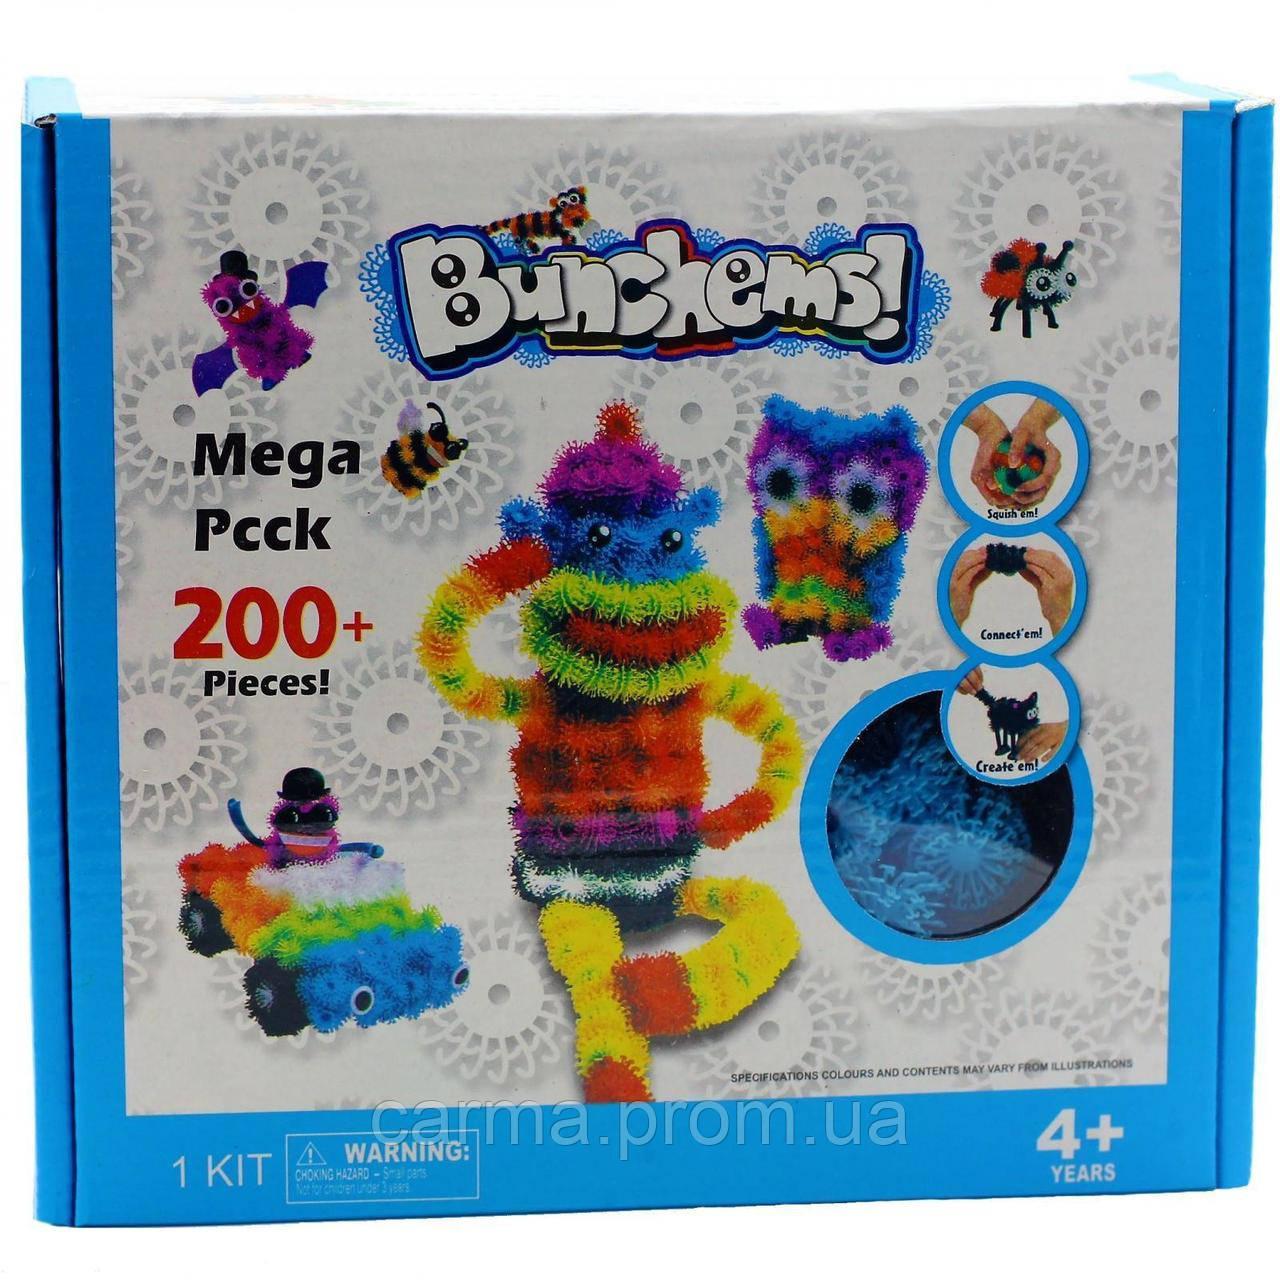 Детский конструктор липучка Bunchems Банчемс 200 Pieces Вязкий пушистый шарик более 200 деталей